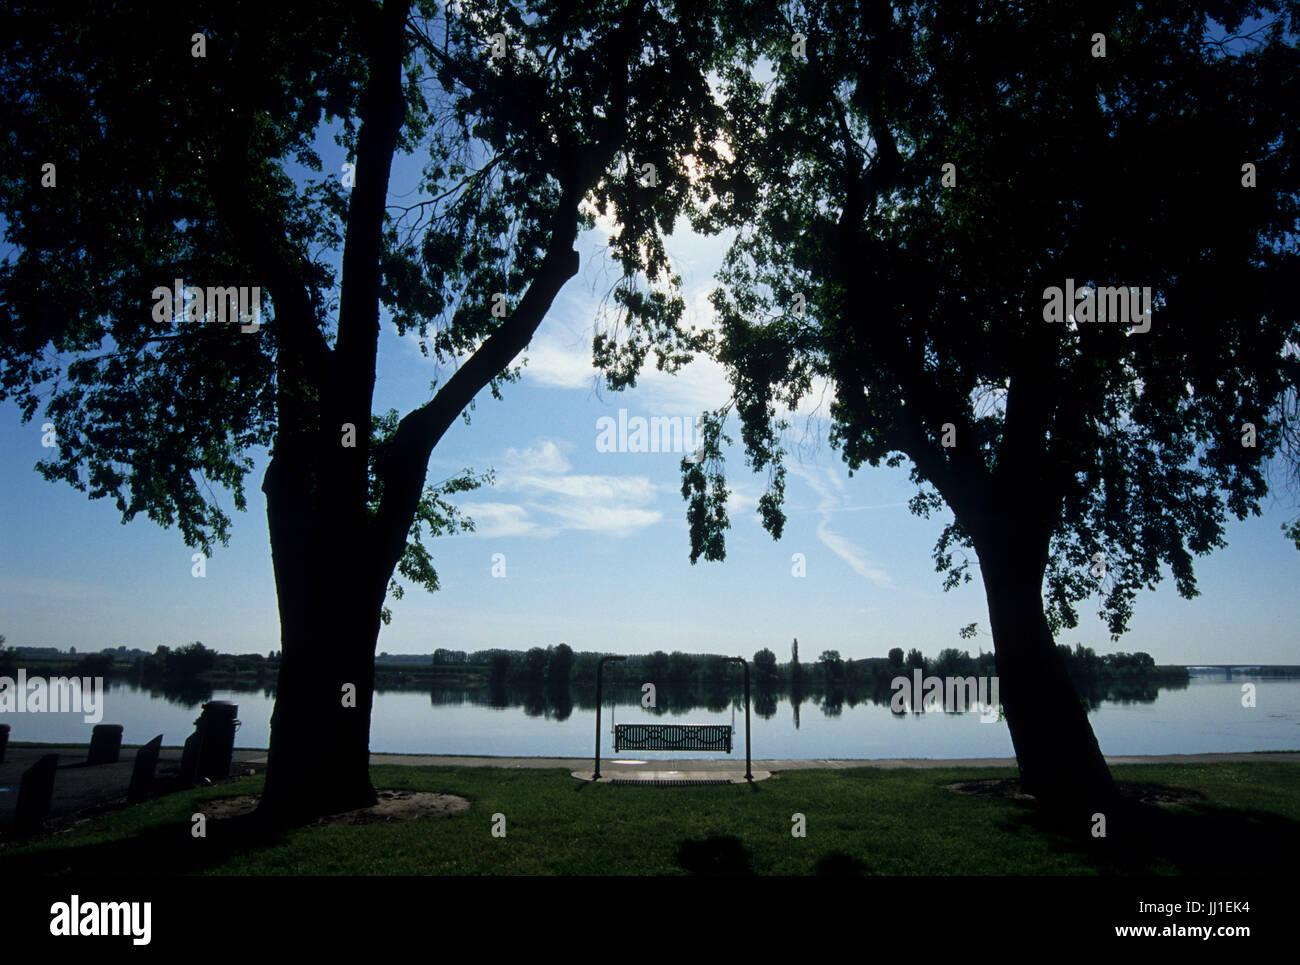 Swinging bench, Howard Anon Park, Richland, Washington - Stock Image